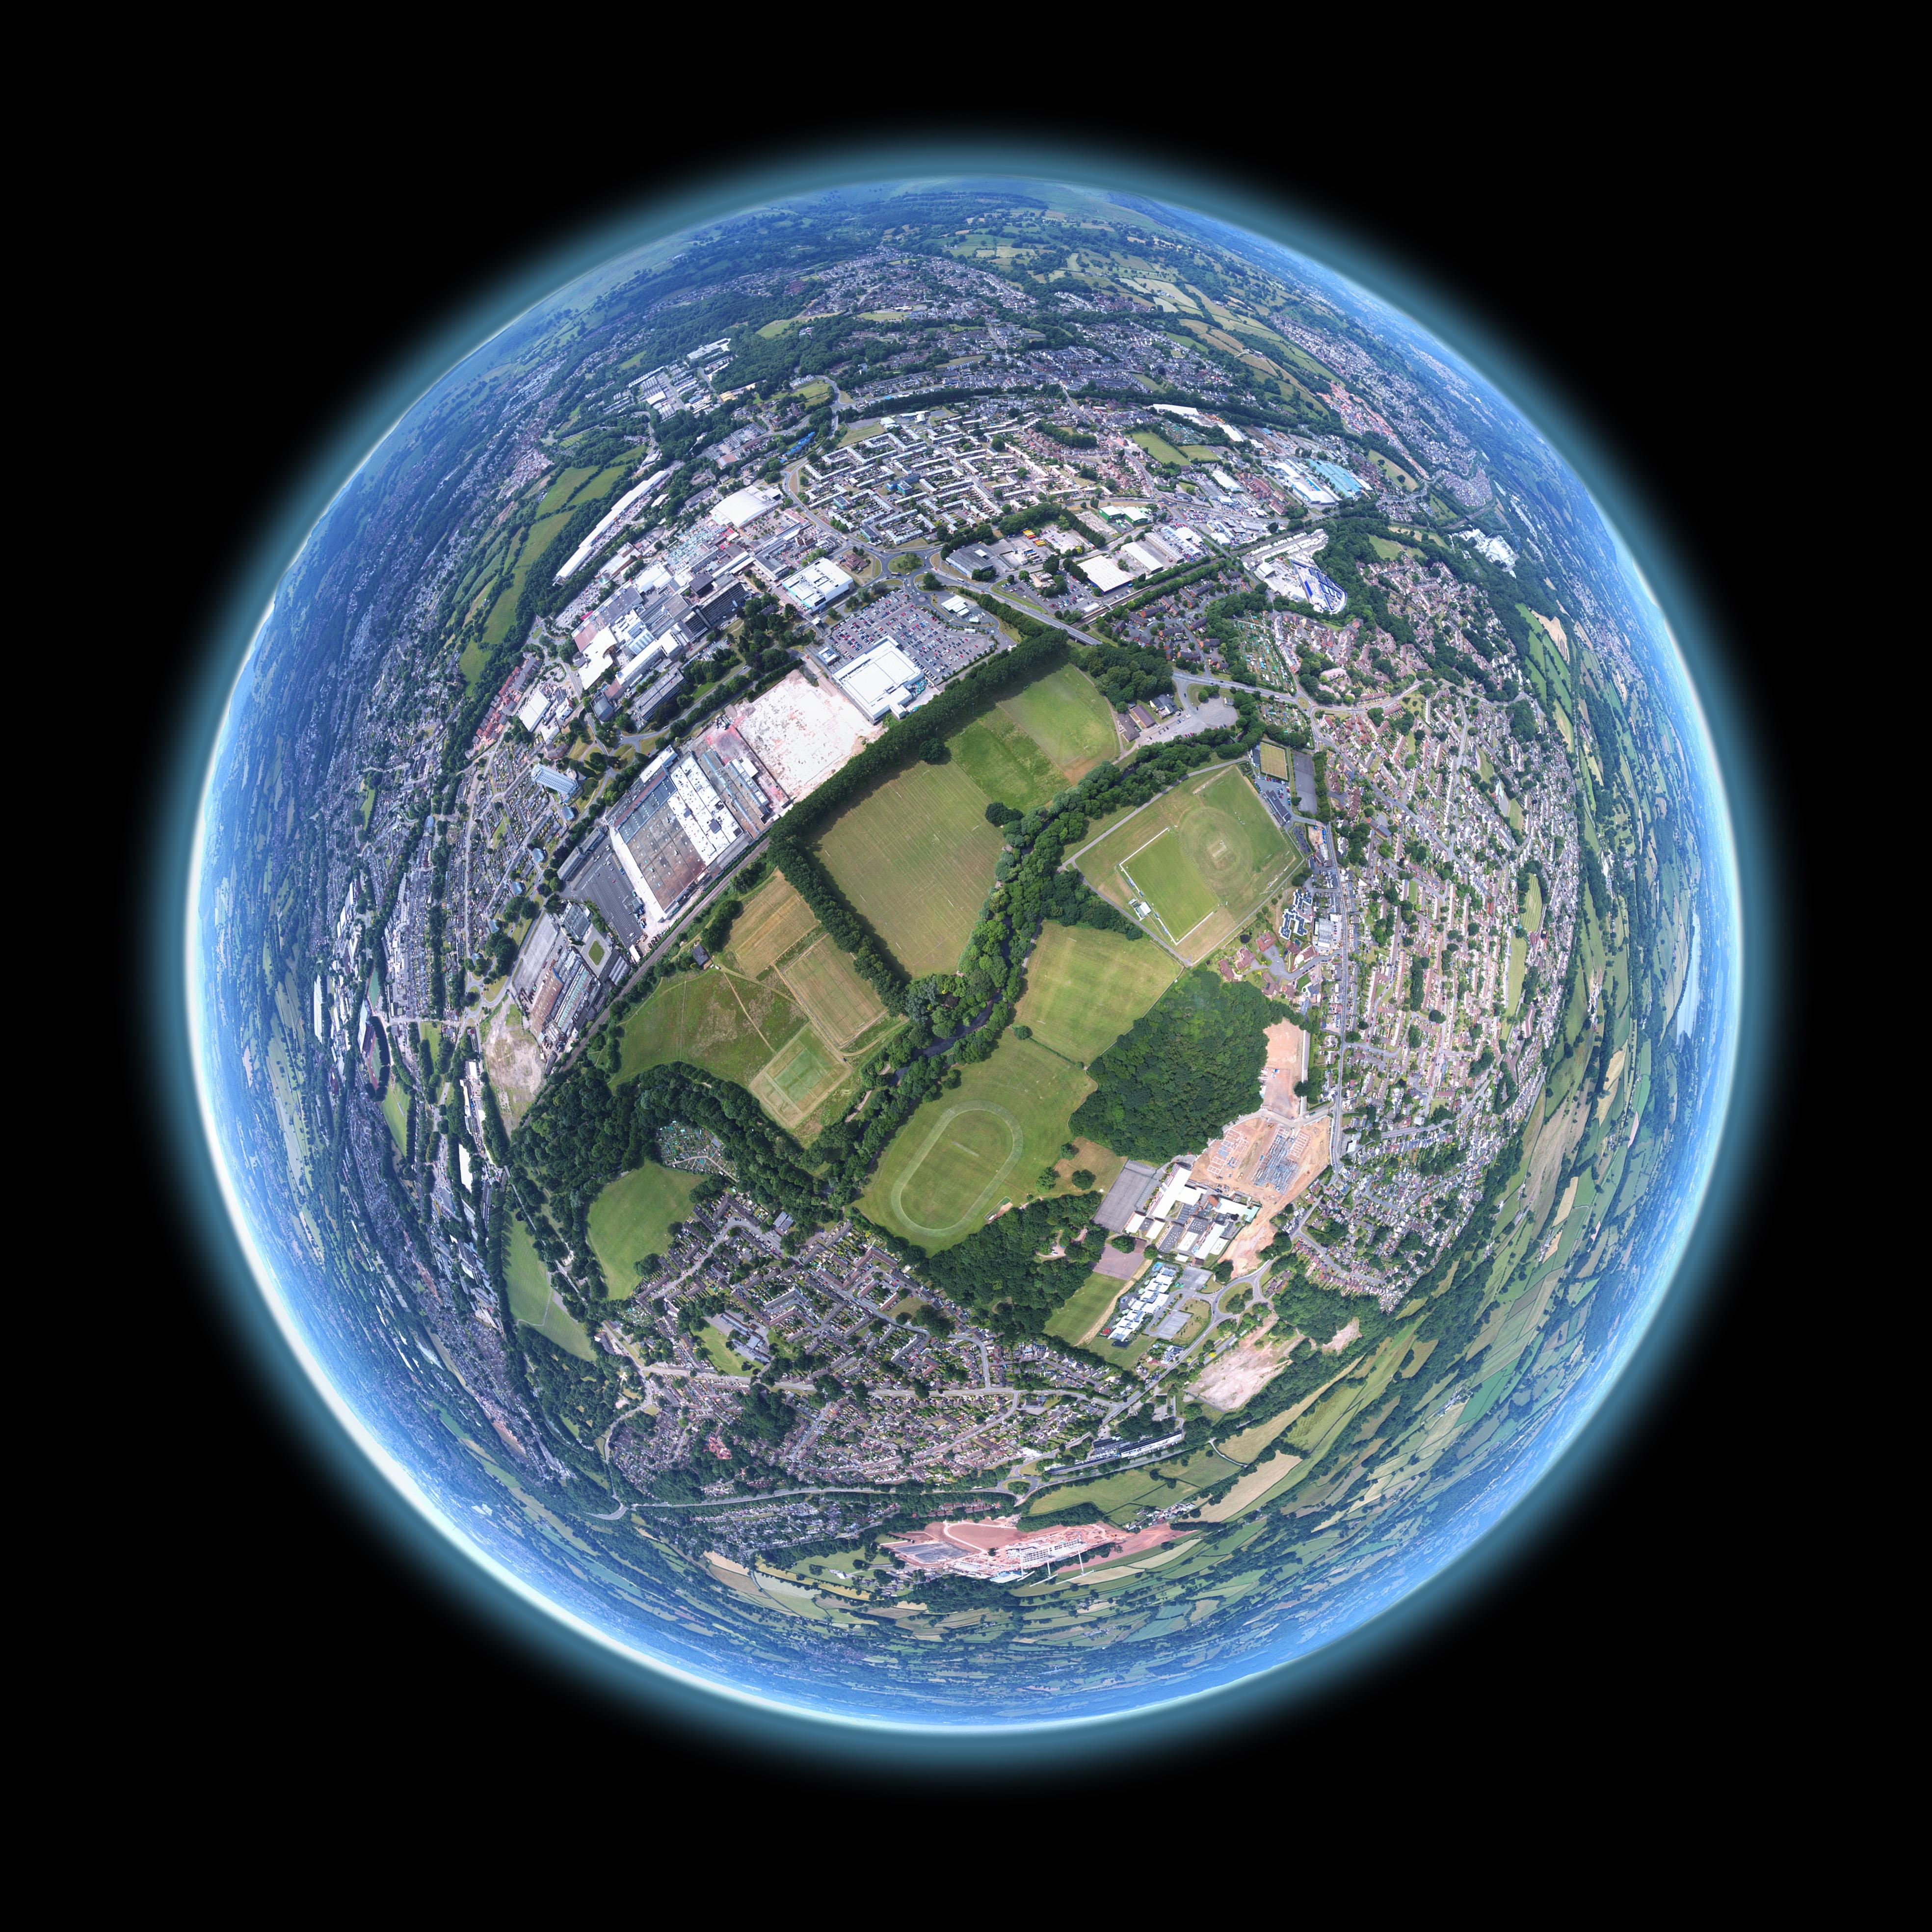 Alles hier op aarde kent uitersten, tegengestelden uit hetzelfde spectrum